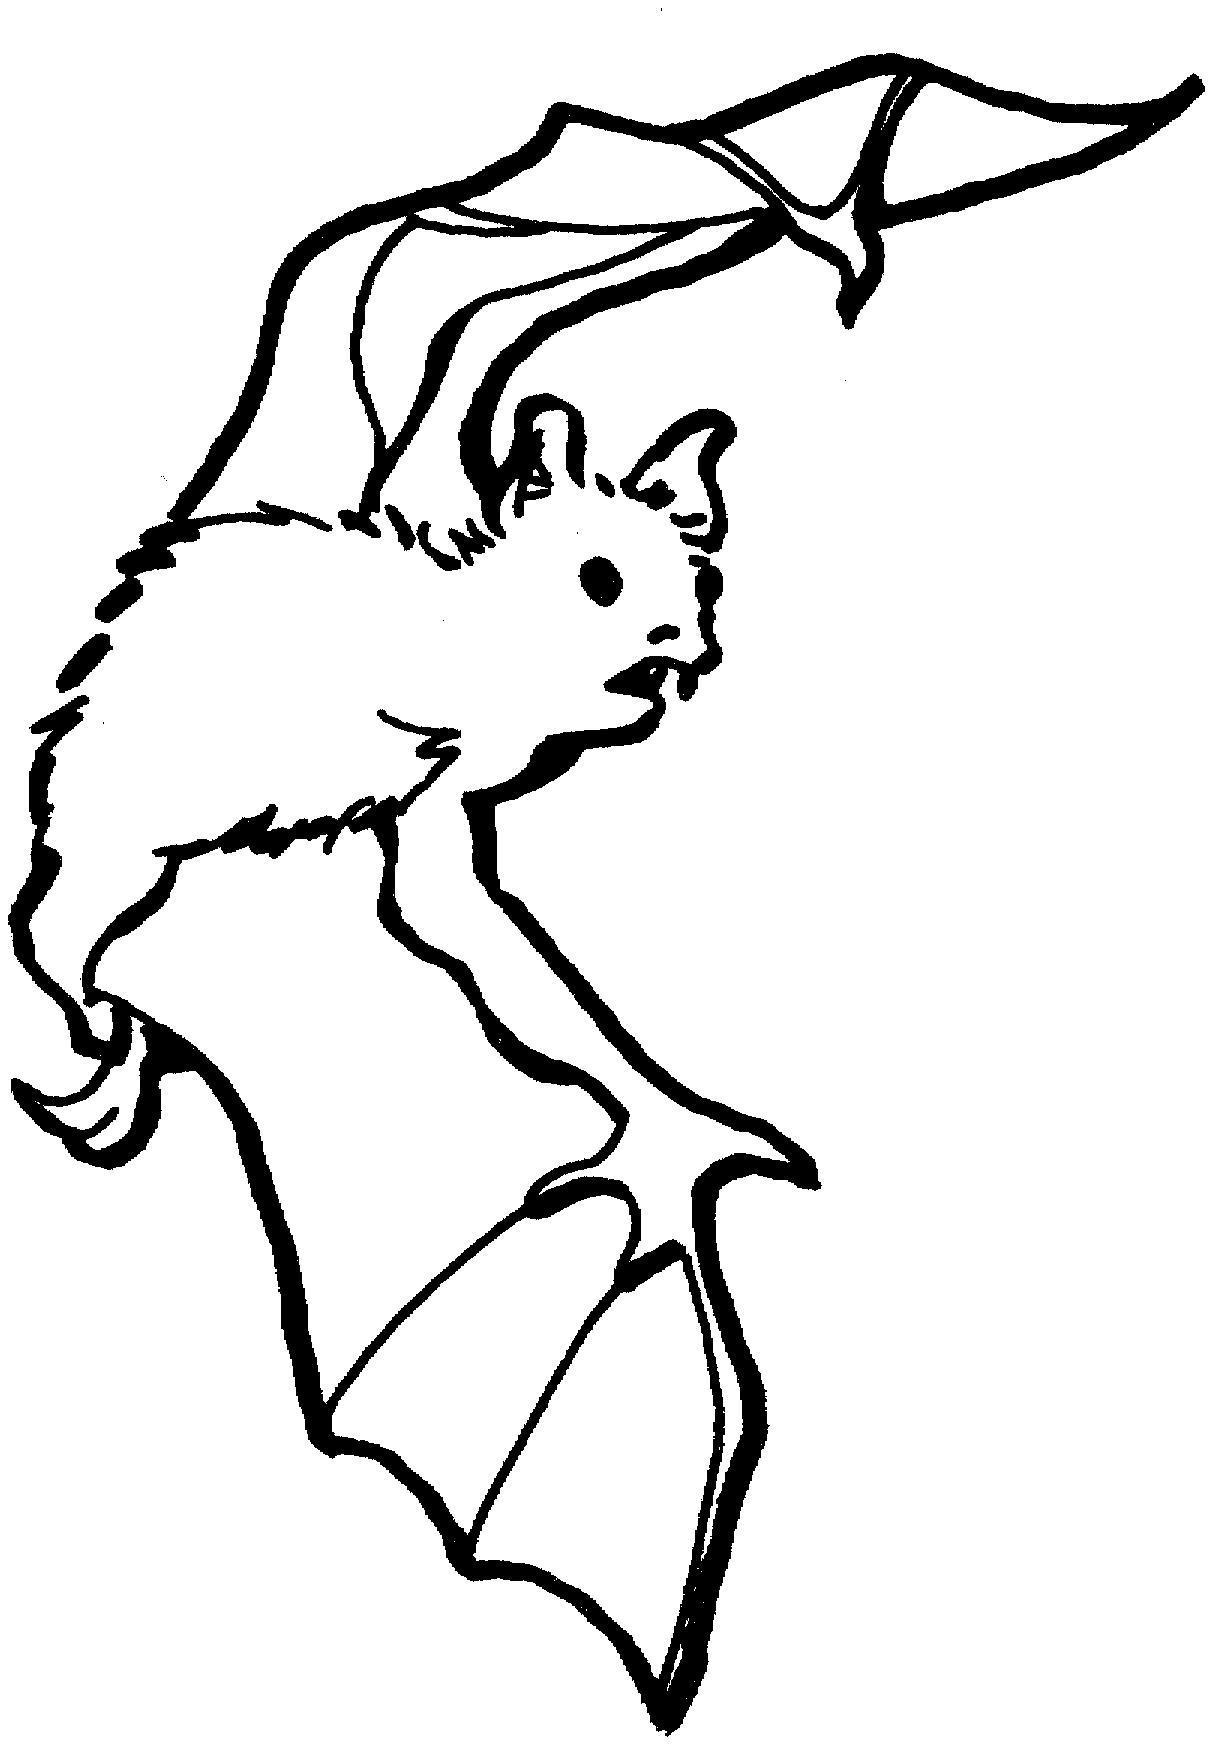 ольга летучие мыши картинки для раскраски кабриолет базе гелика